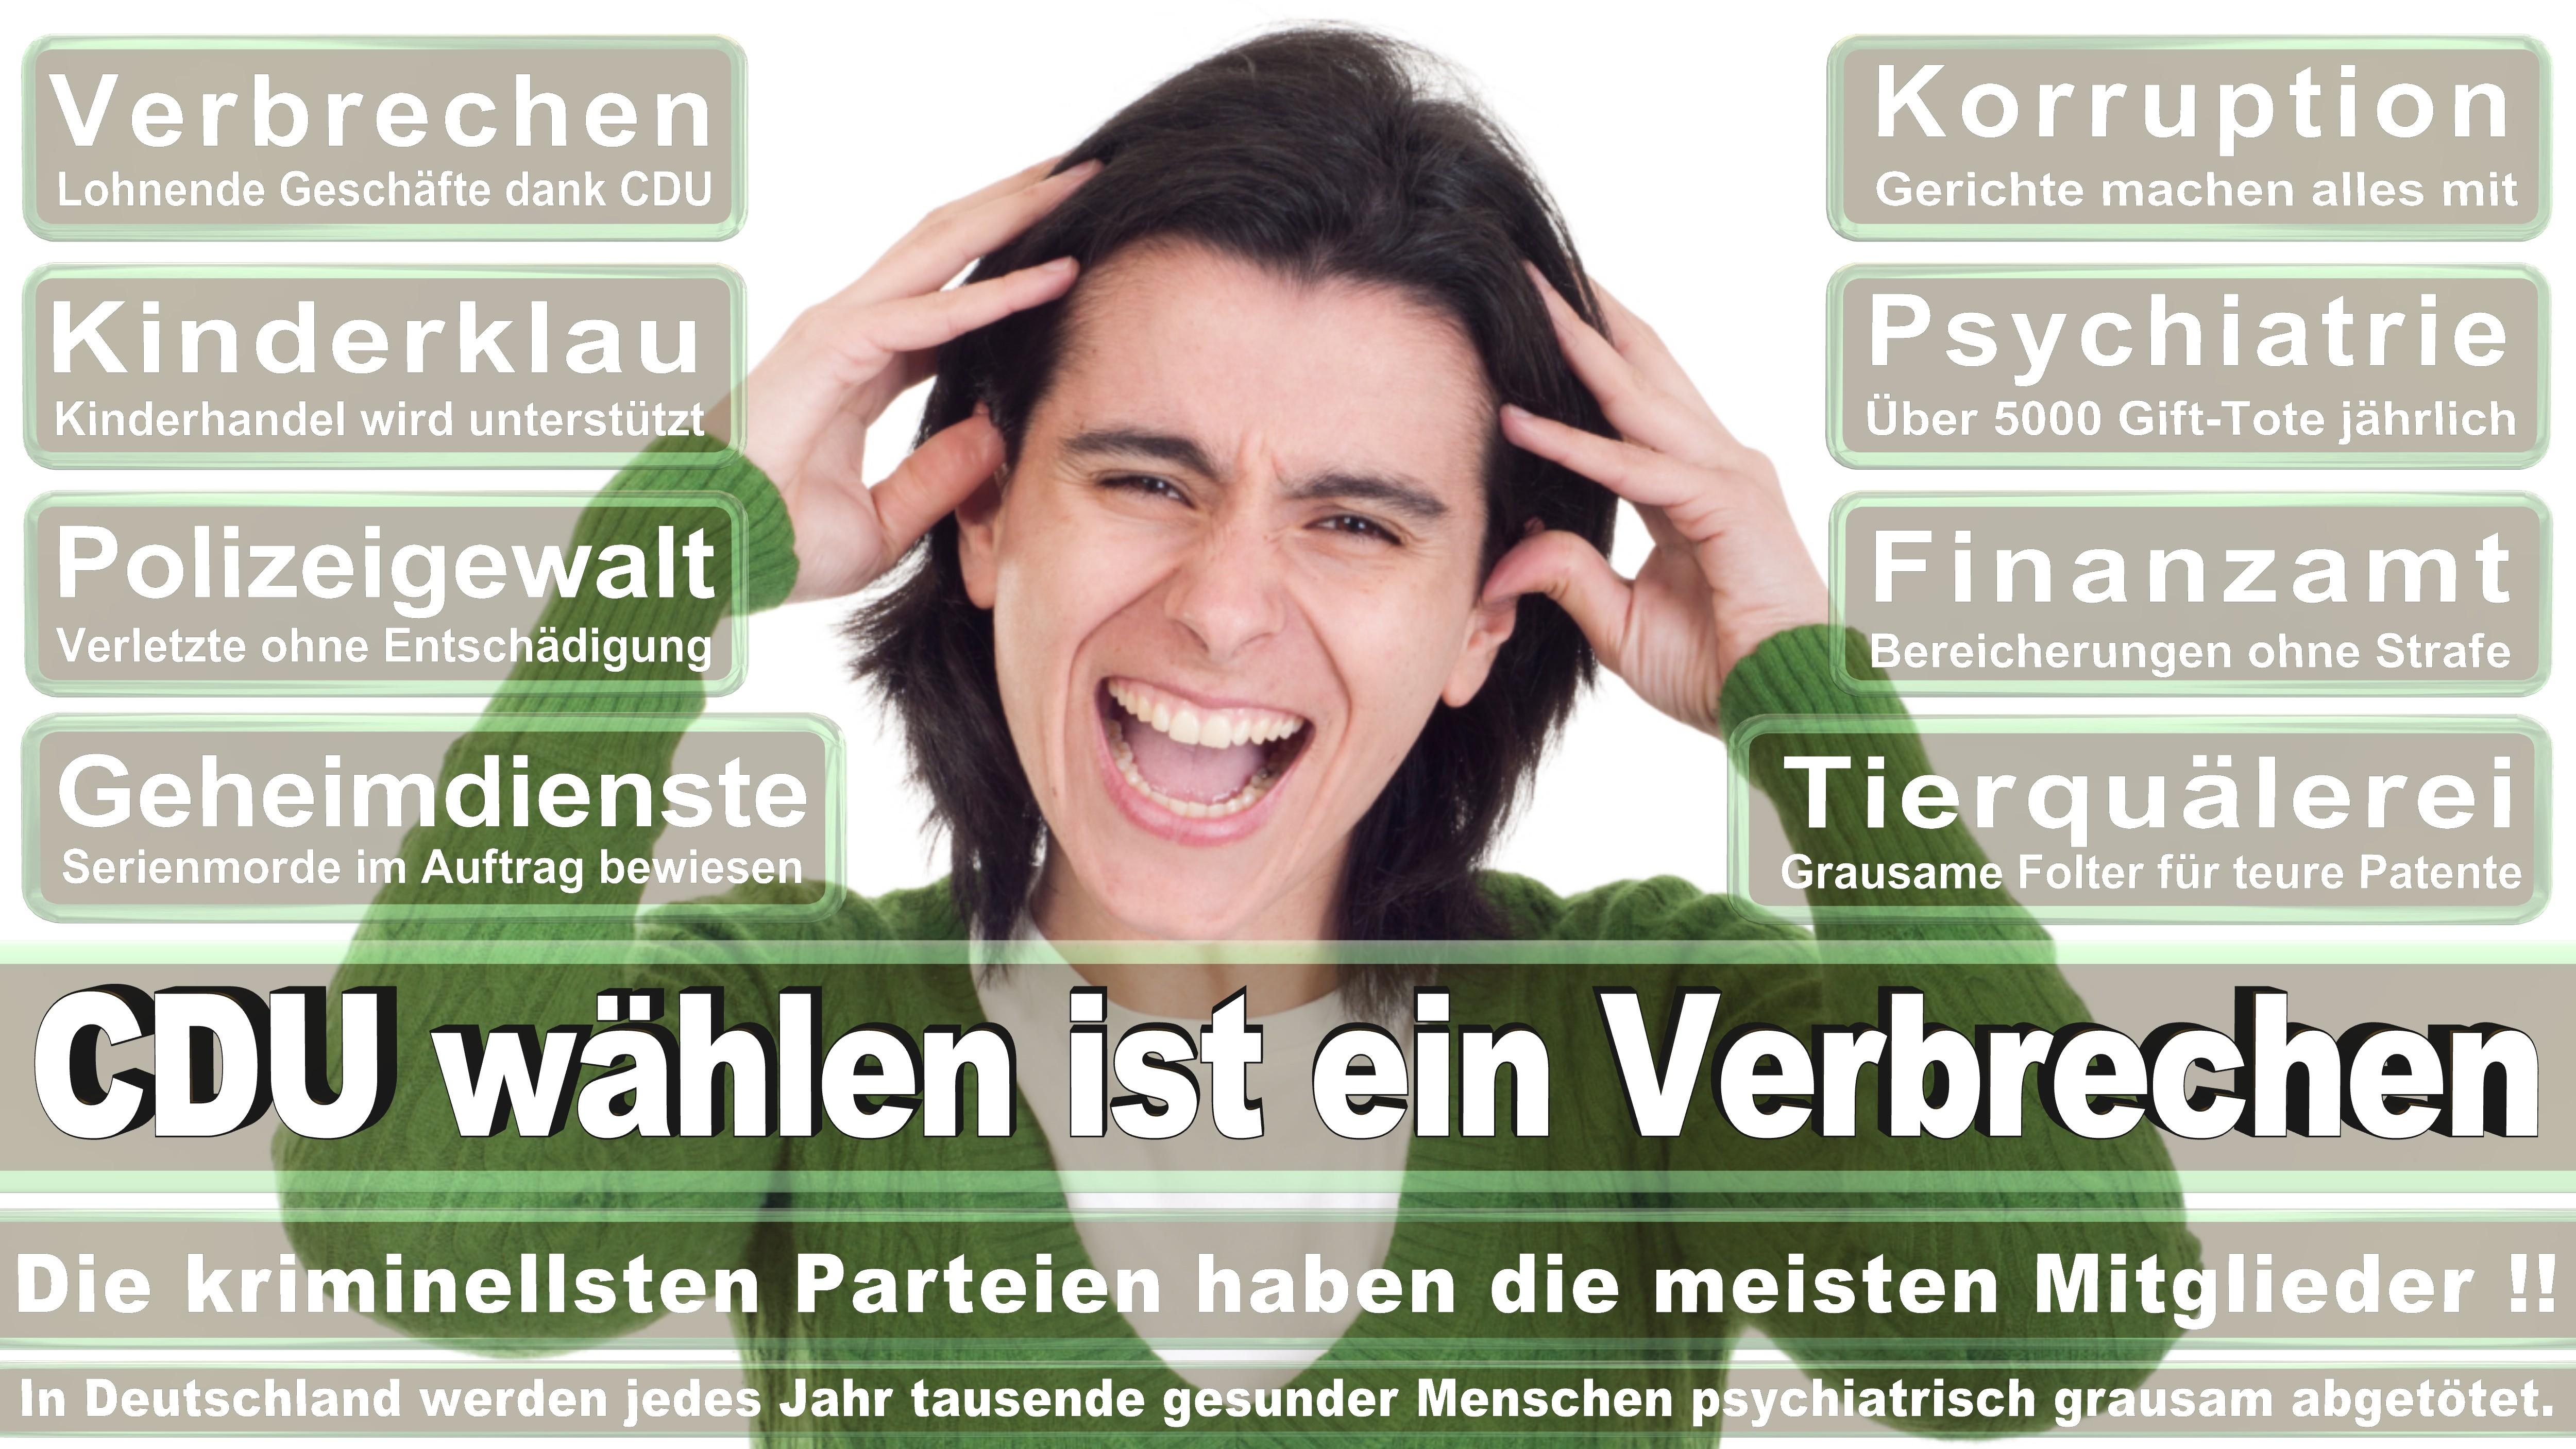 Matthias Heider CDU Nordrhein Westfalen Olpe Märkischer Kreis I Politiker Deutschland